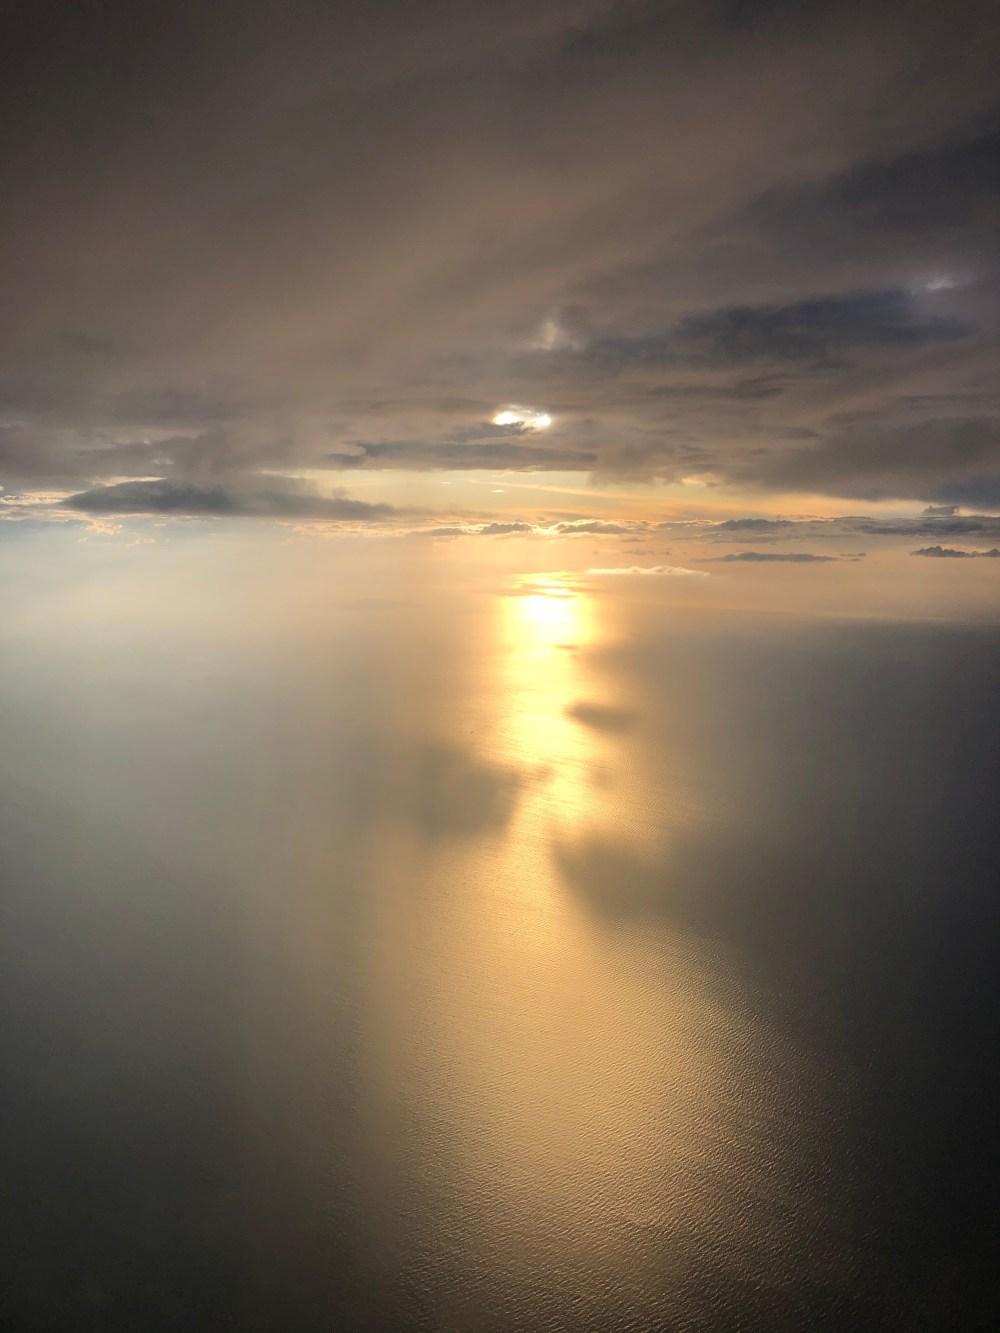 Sonnenspiegelung auf dem Meer